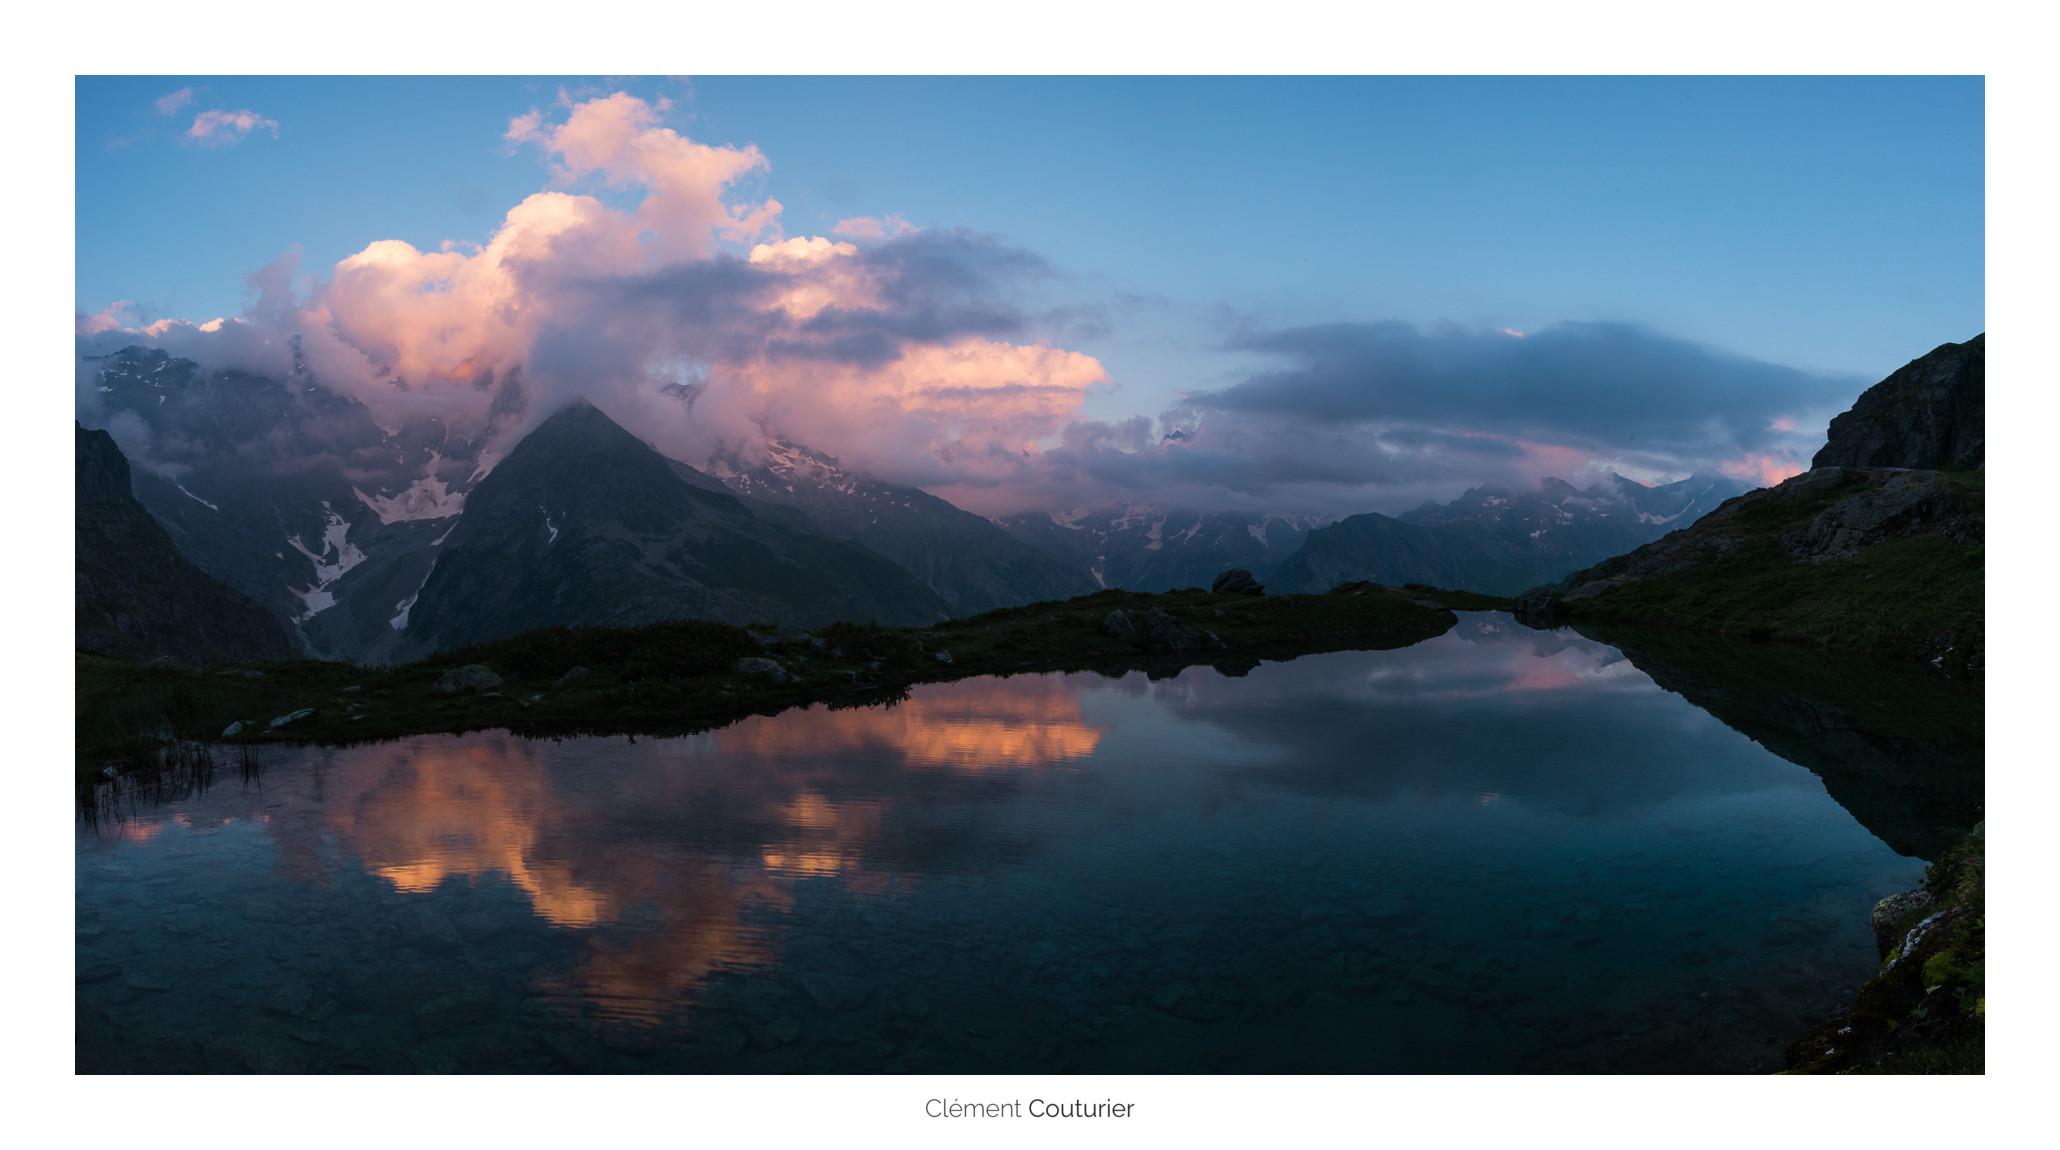 Alpes 4 - Clément Couturier